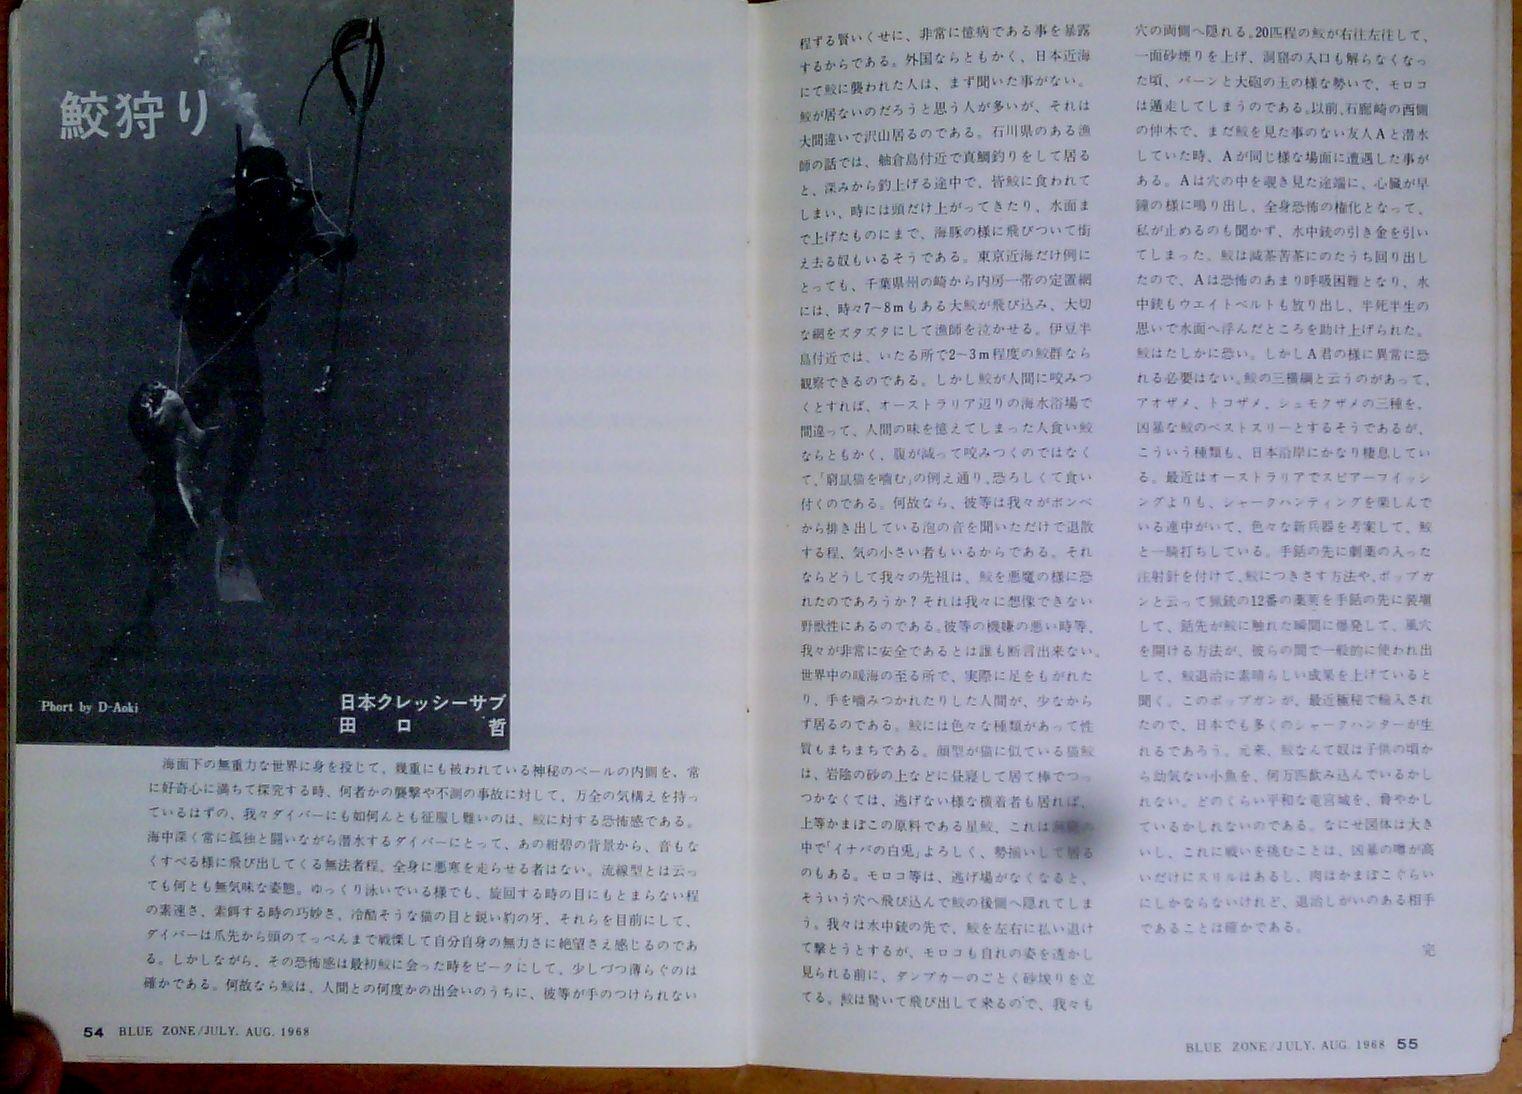 0312  ダイビングの歴史53 ブルーゾーン2_b0075059_16573085.jpg